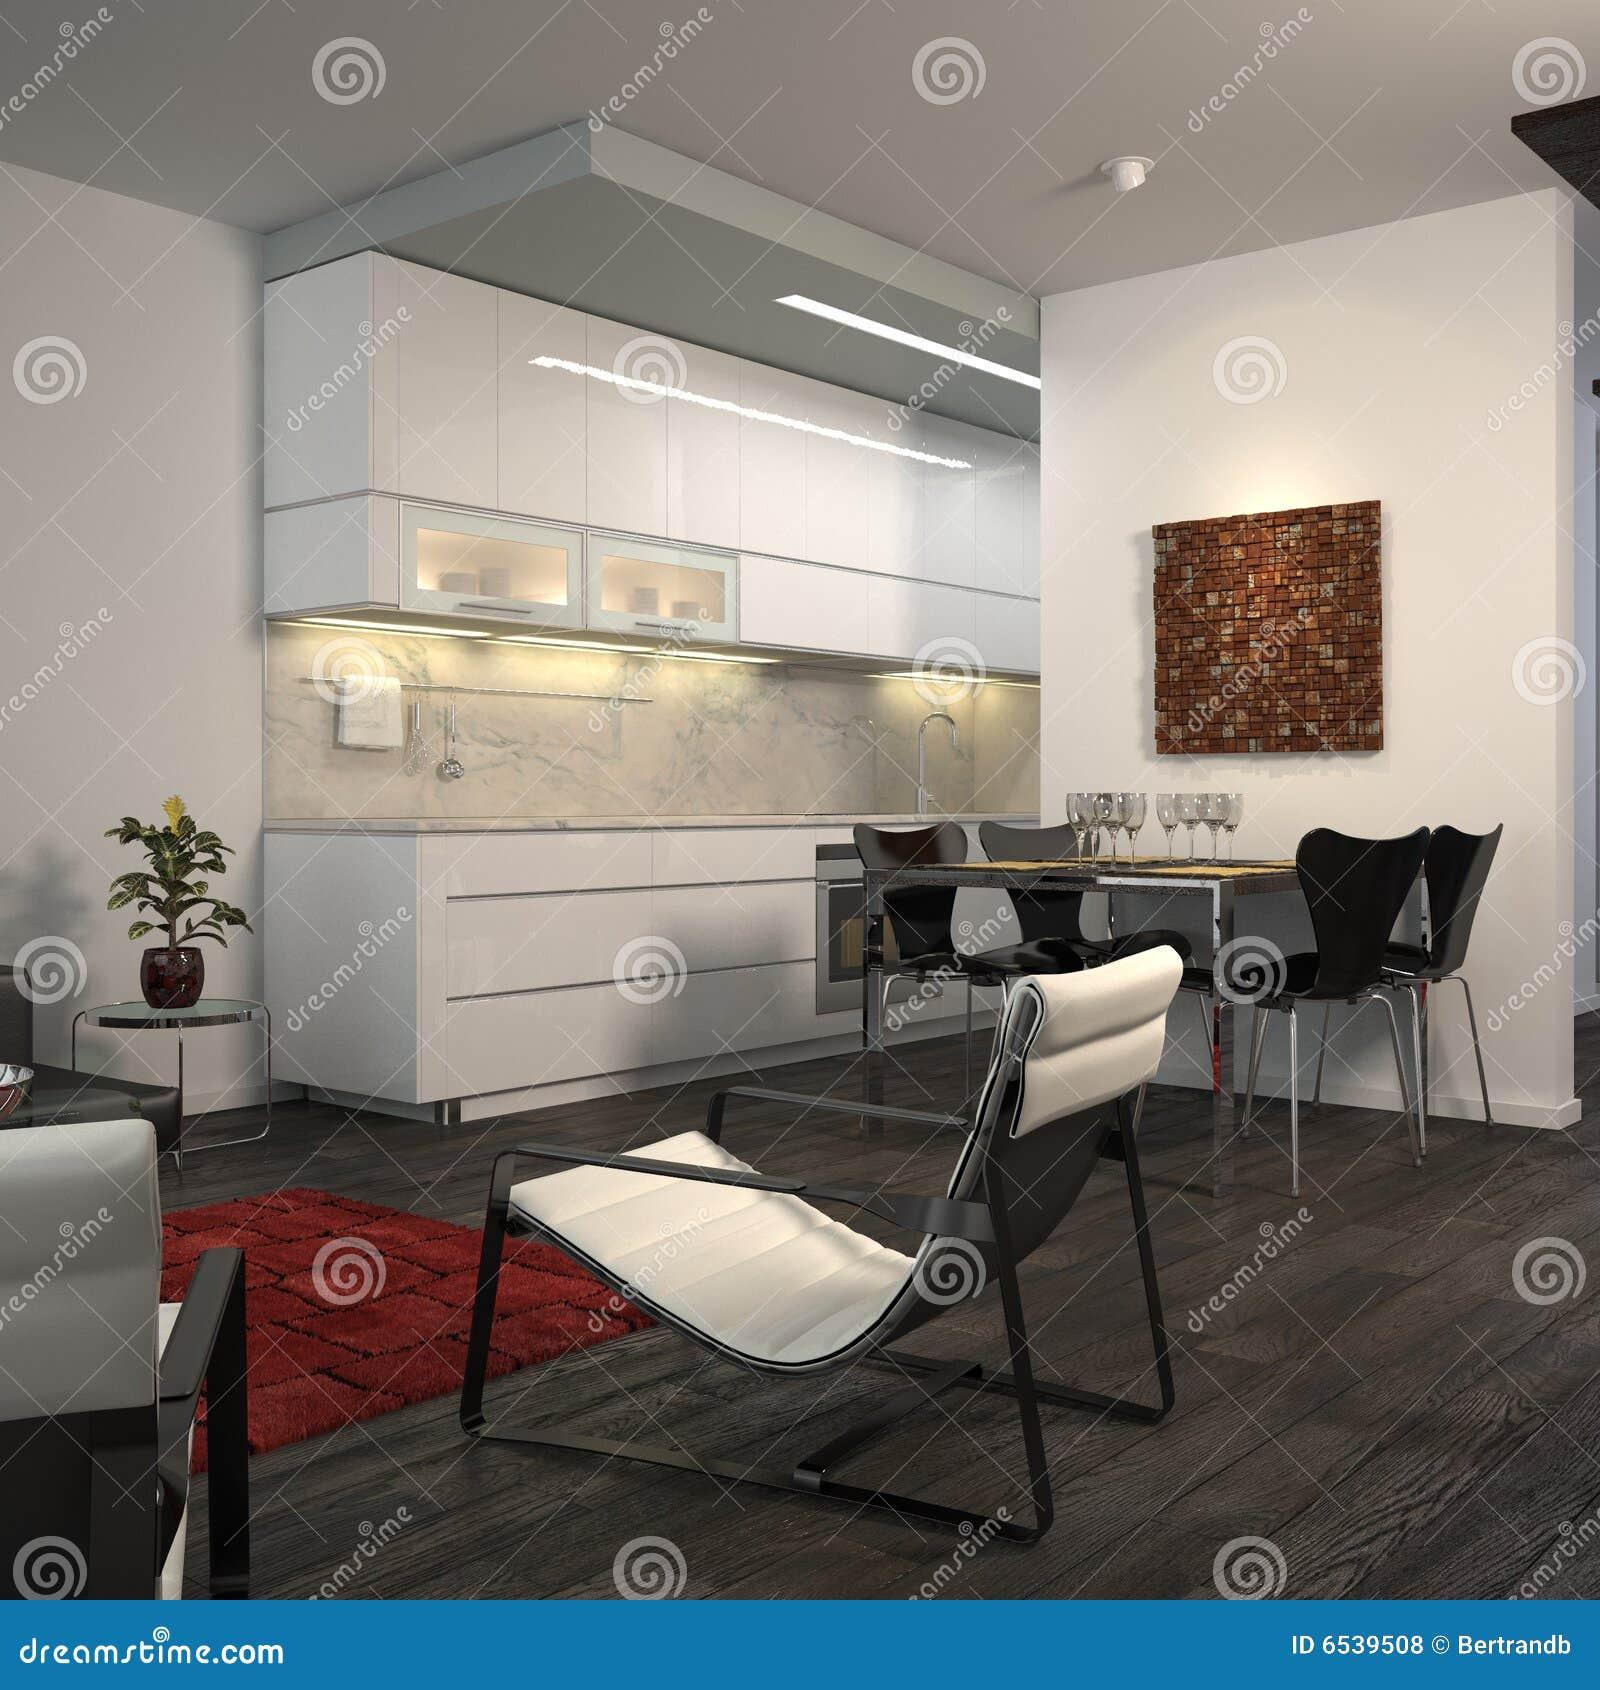 Modern open-plan flat